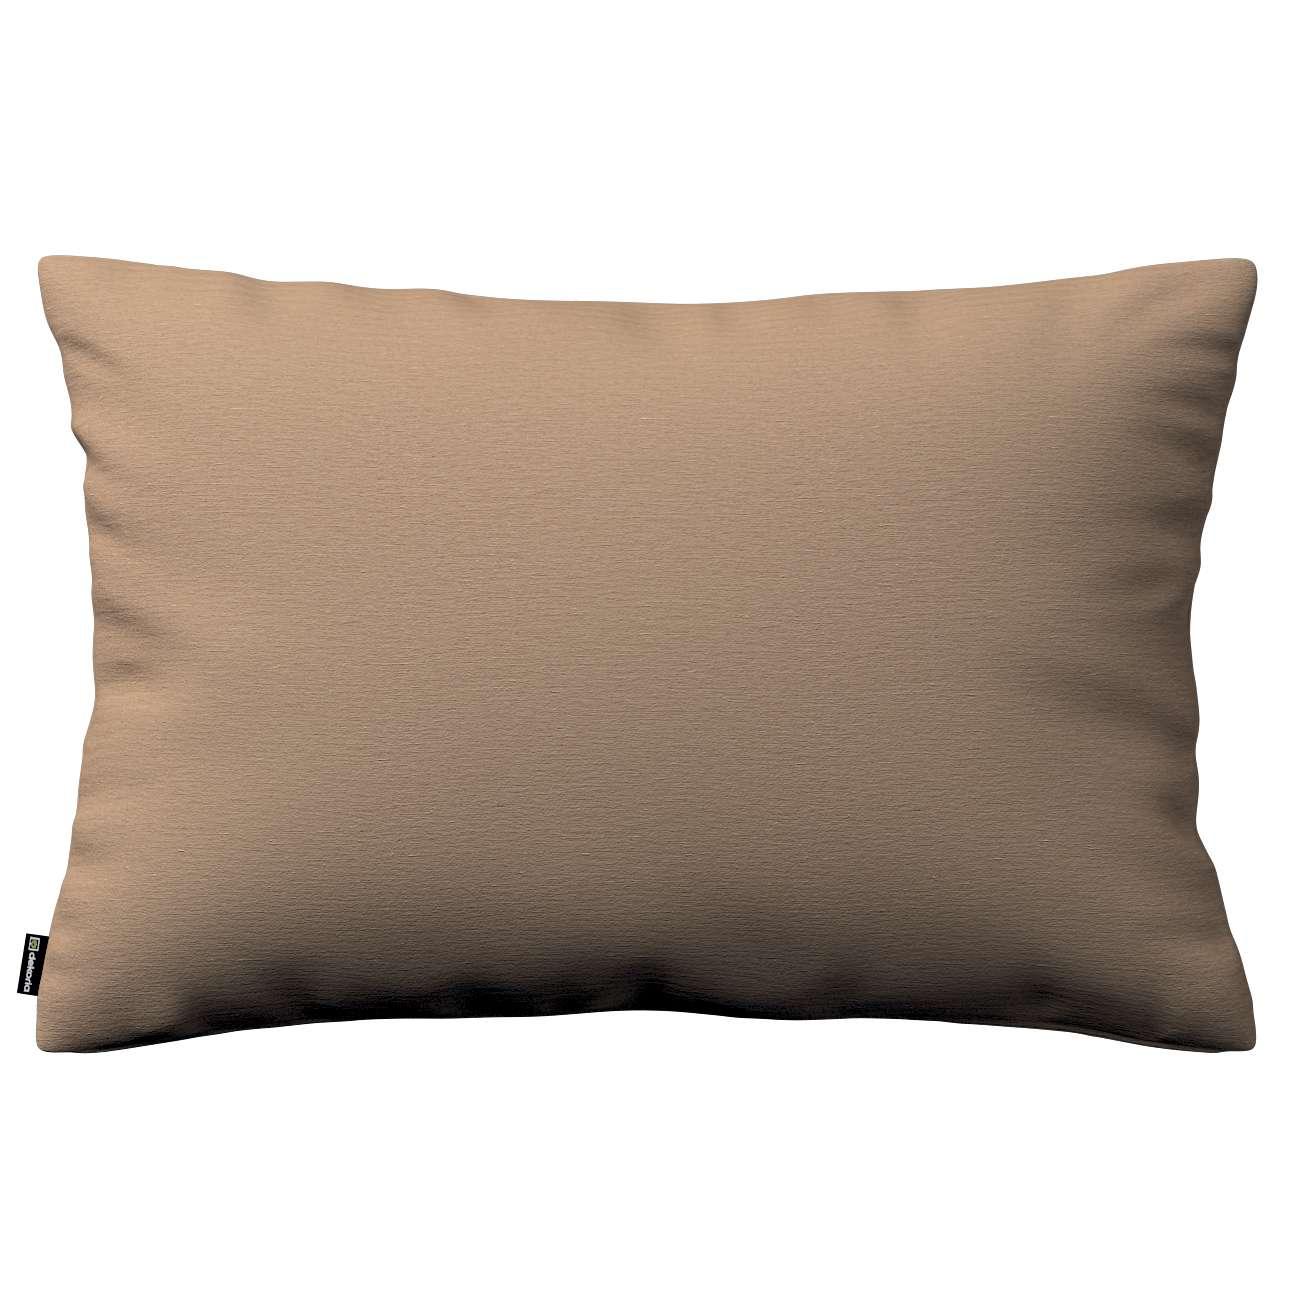 Poszewka Kinga na poduszkę prostokątną 60 x 40 cm w kolekcji Quadro, tkanina: 136-09